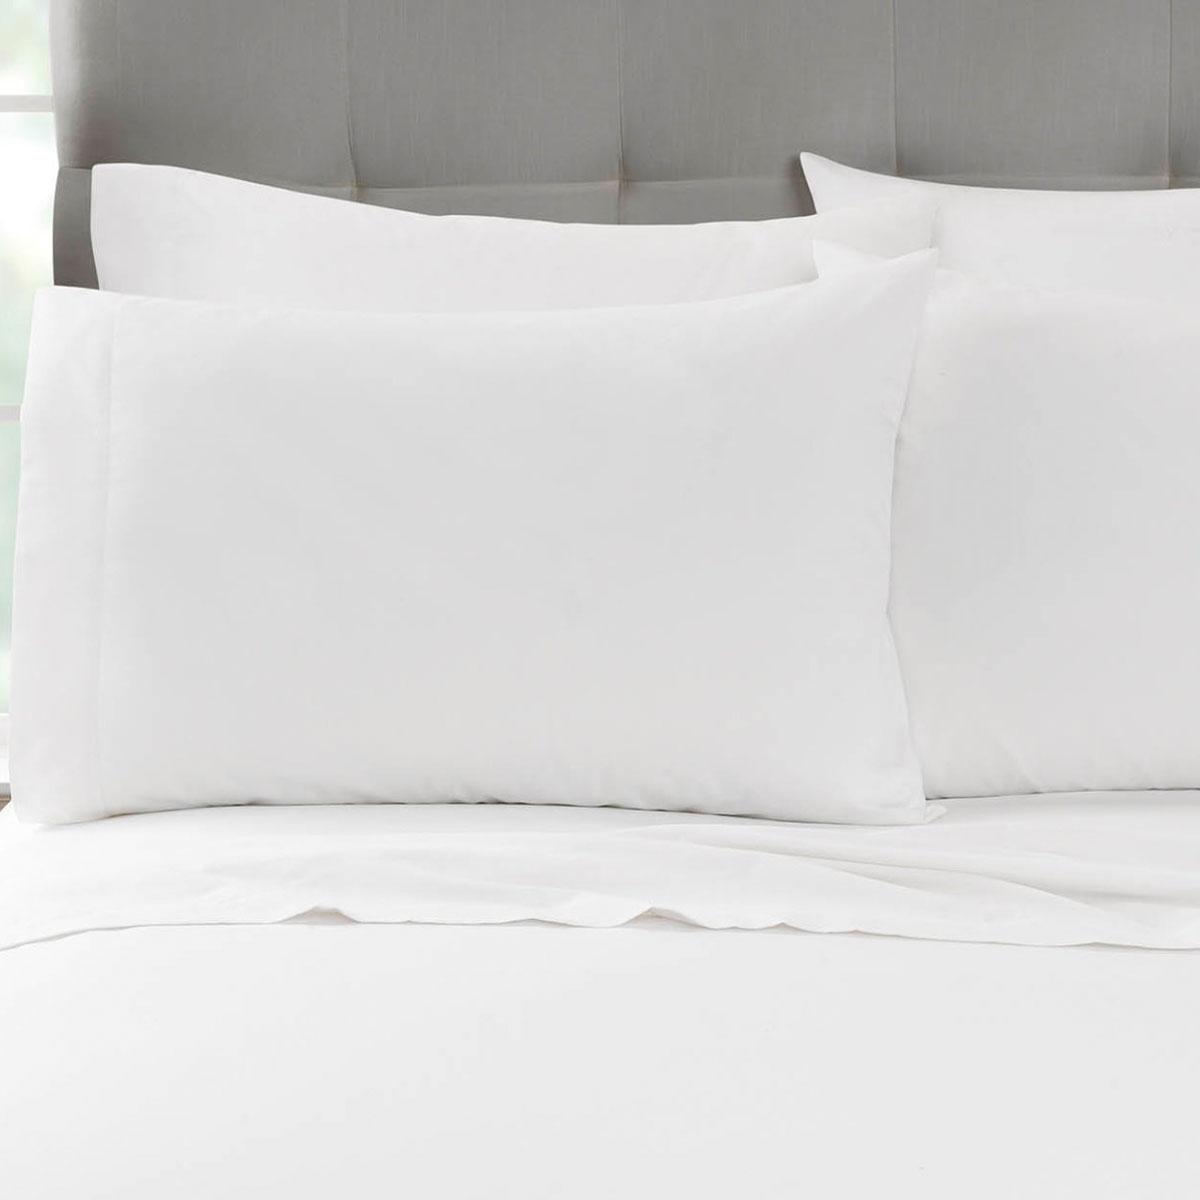 Martex Millennium T 200 Pillowcase Standard 44x34 60